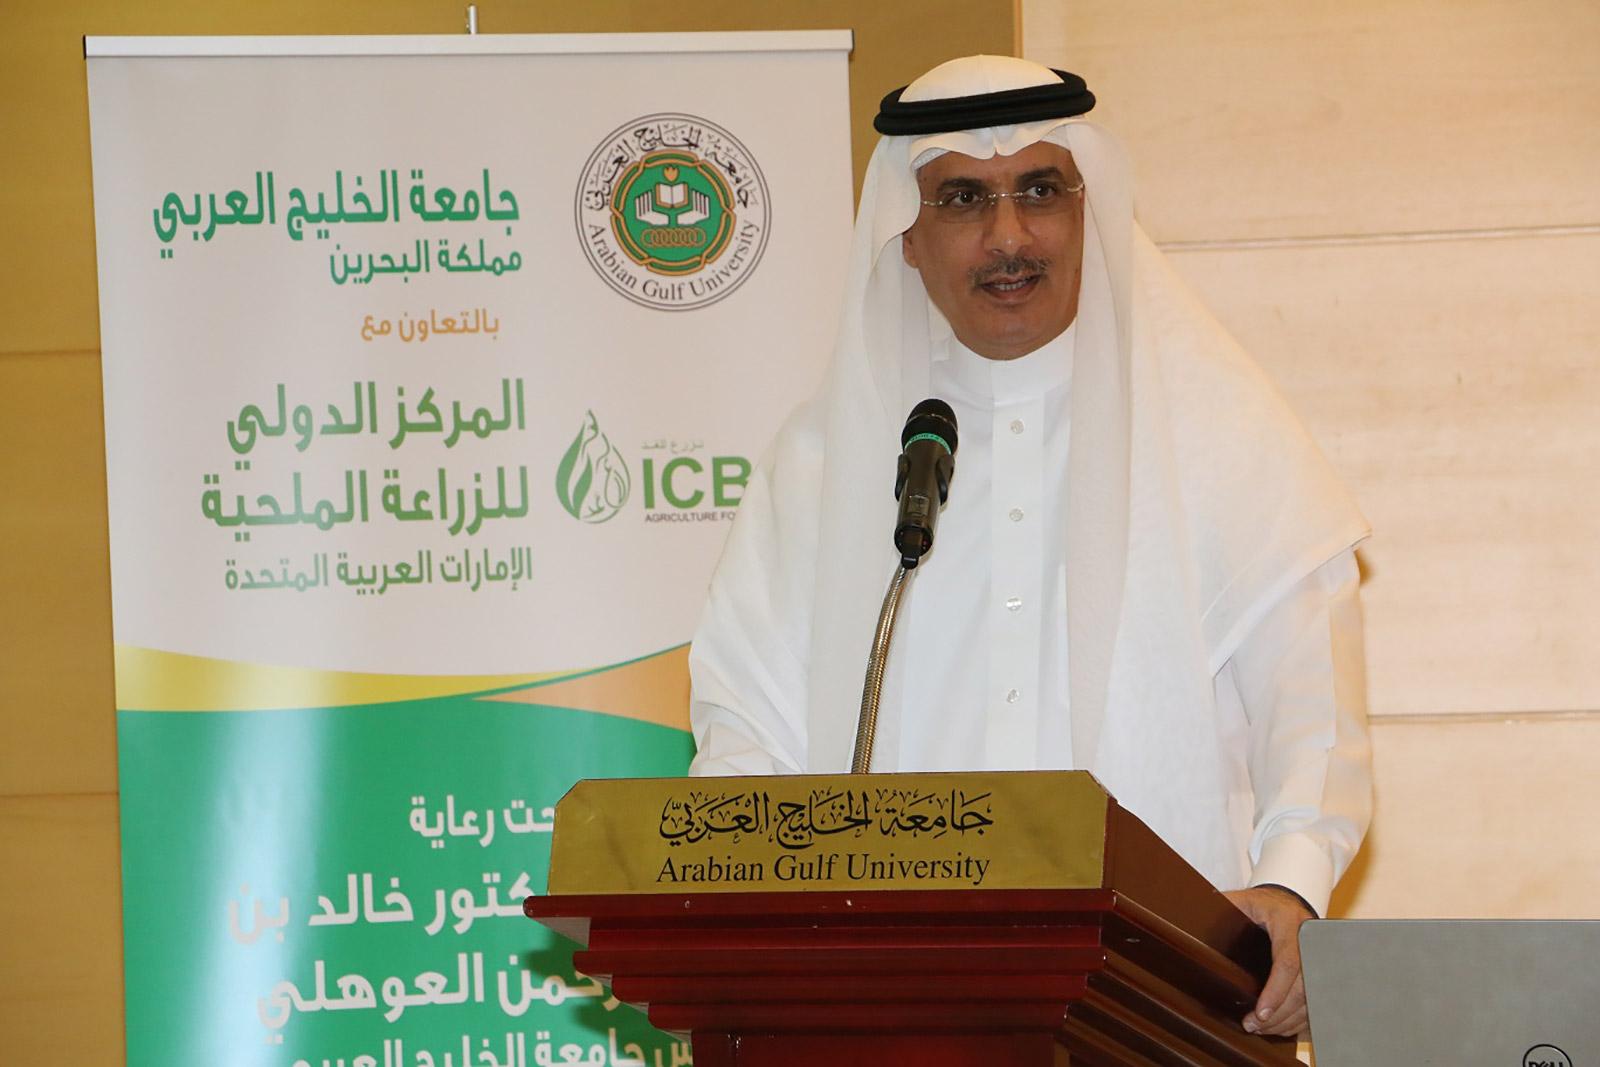 رئيس جامعة الخليج العربي خالد بن عبدالرحمن العوهلي